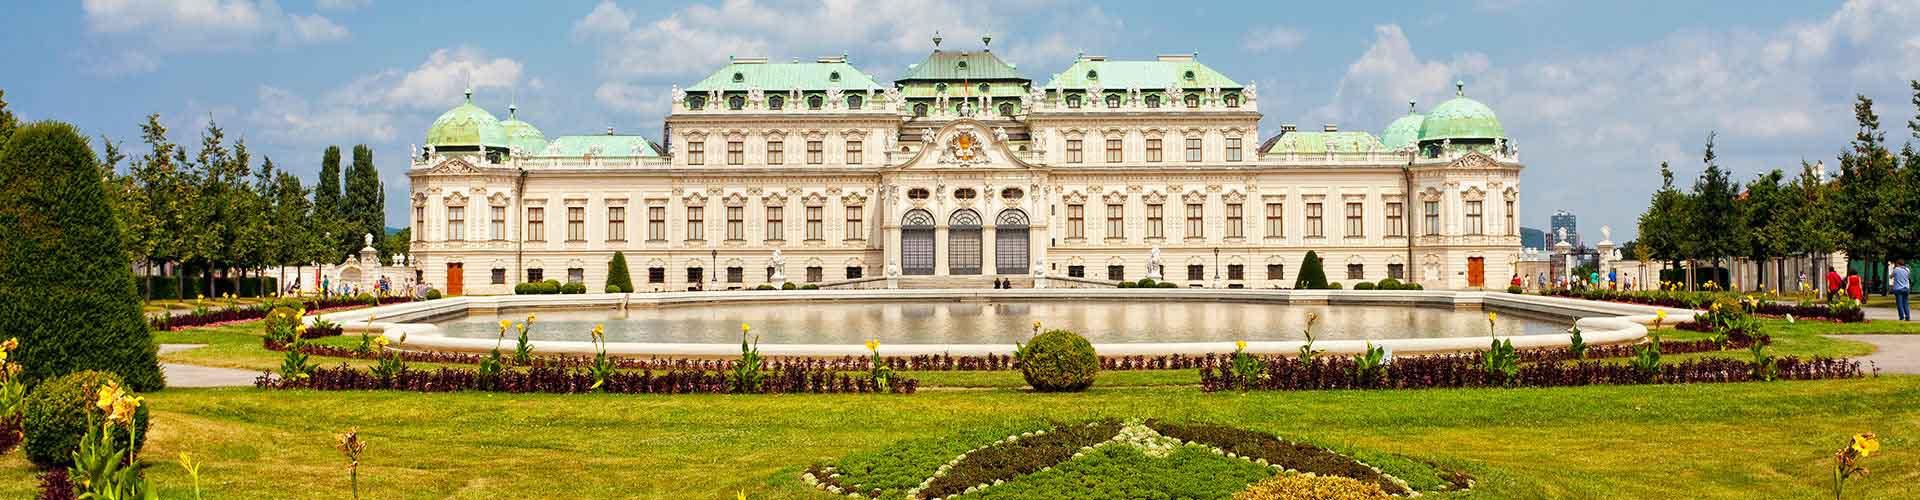 Vienne - Chambres pas chères dans le quartier de Favoriten. Cartes pour Vienne, photos et commentaires pour chaque chambre à Vienne.